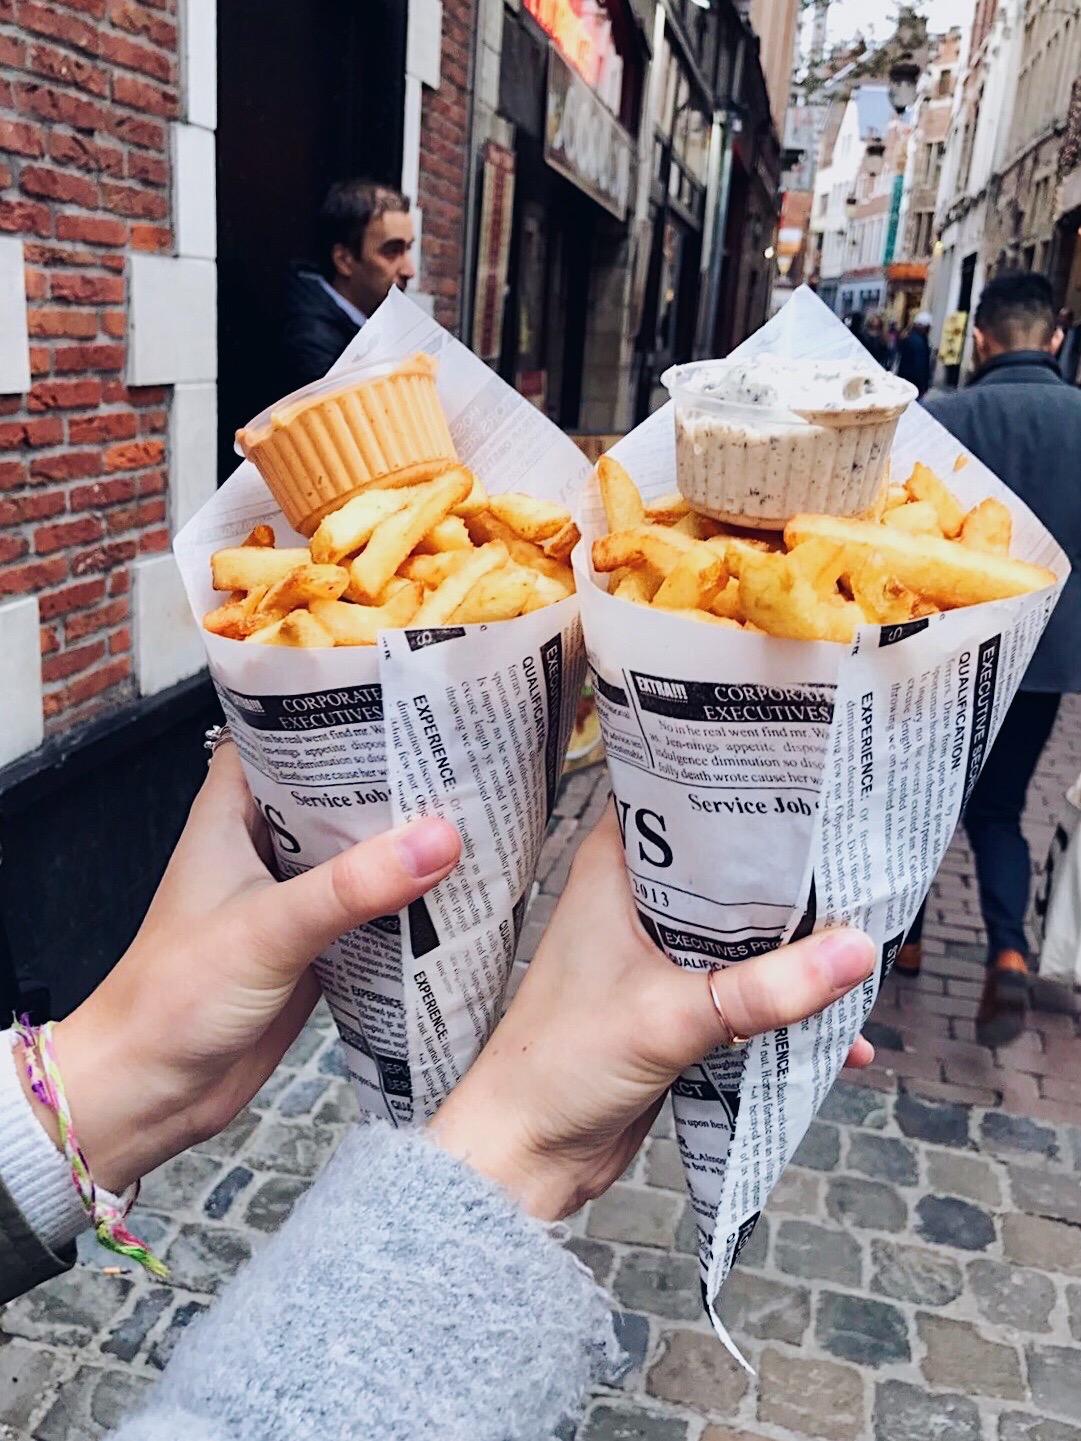 Eating fries in Brussels, Belgium